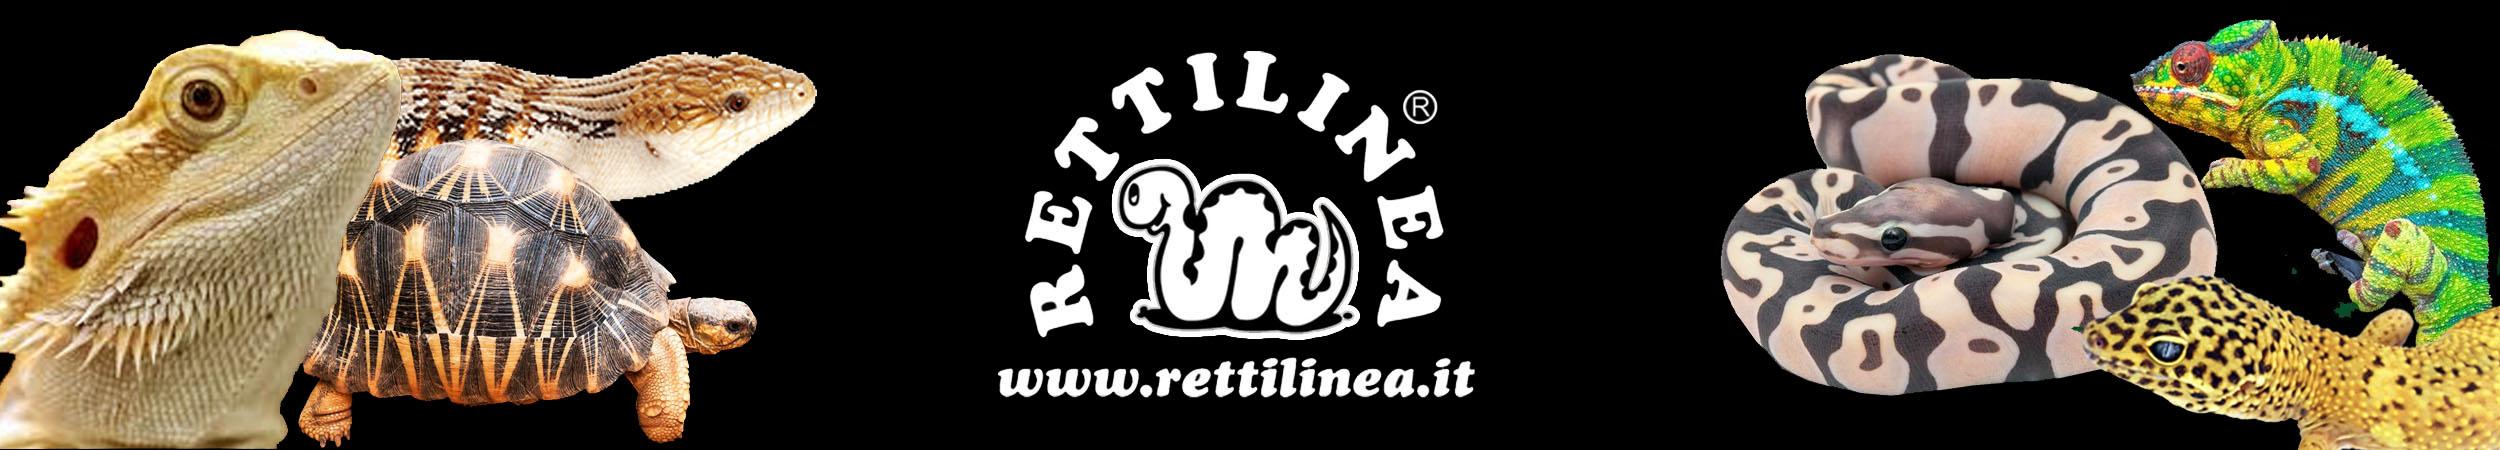 RETTILINEA